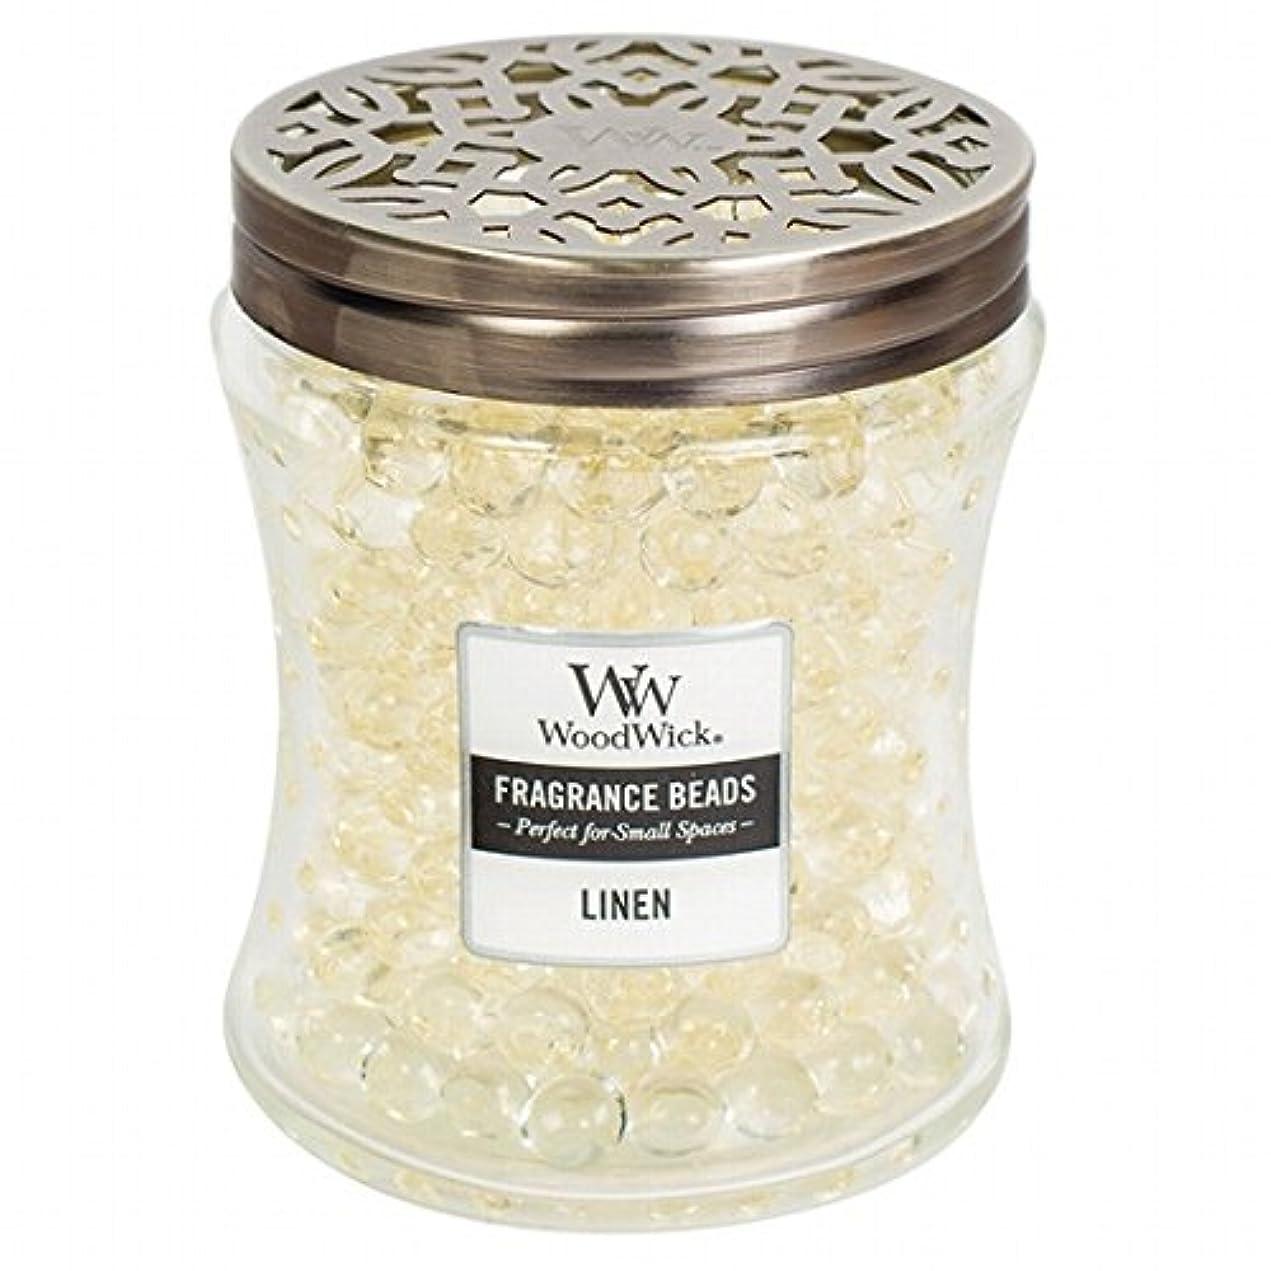 免疫研磨くしゃみウッドウィック( WoodWick ) Wood Wickフレグランスビーズ 「 リネン 」W9620512